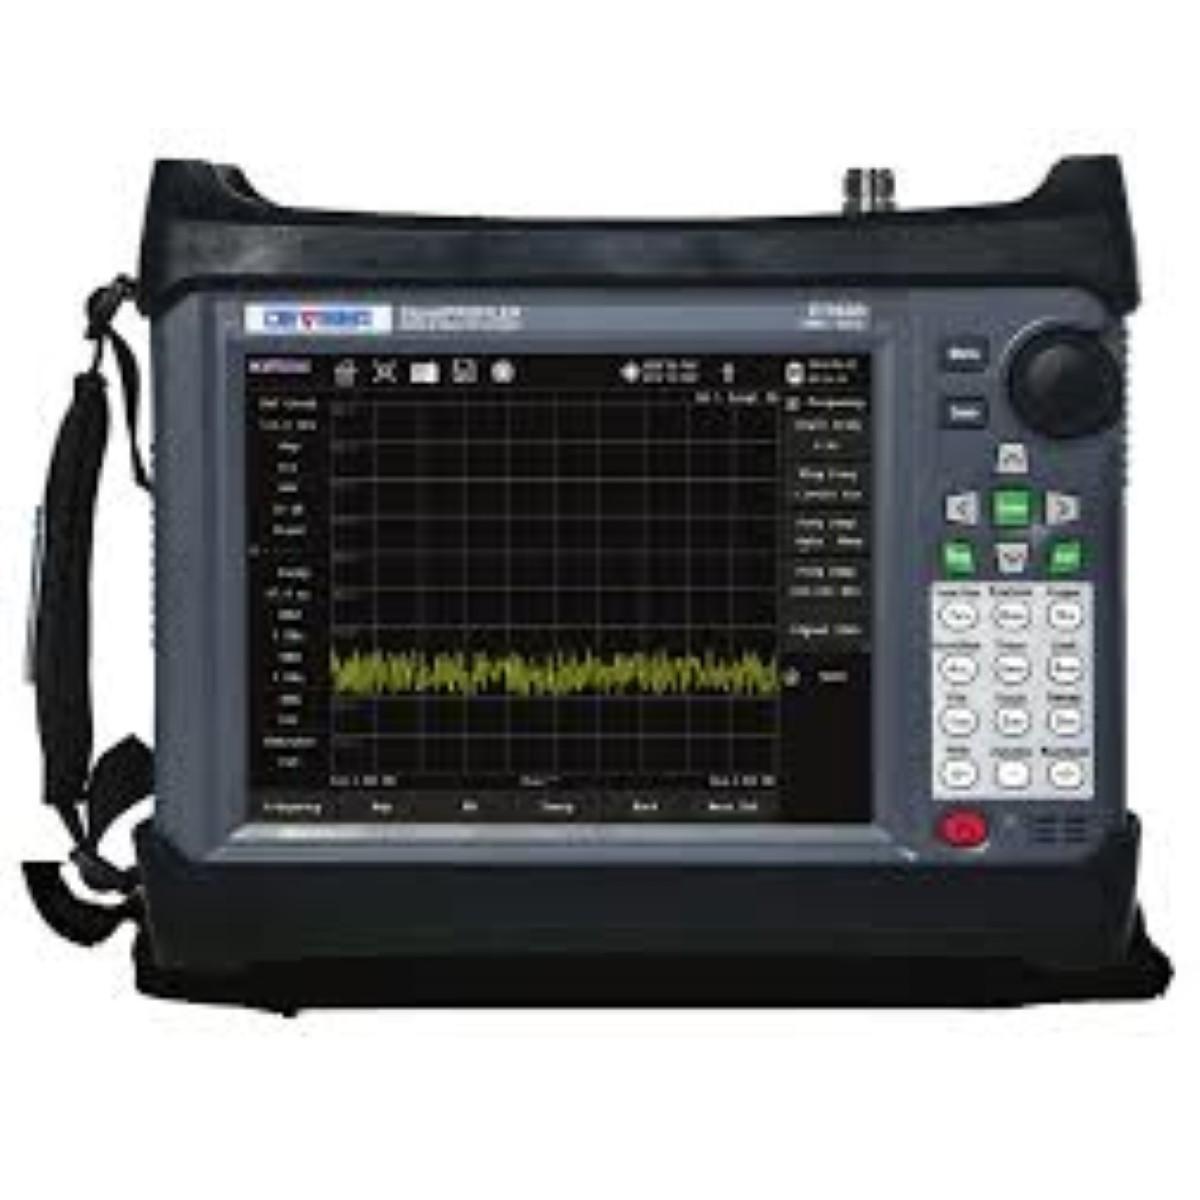 Analizador de Celda para cables antenas y espectro DEVISER E7000B-SA   1 MHz a 4 GHz